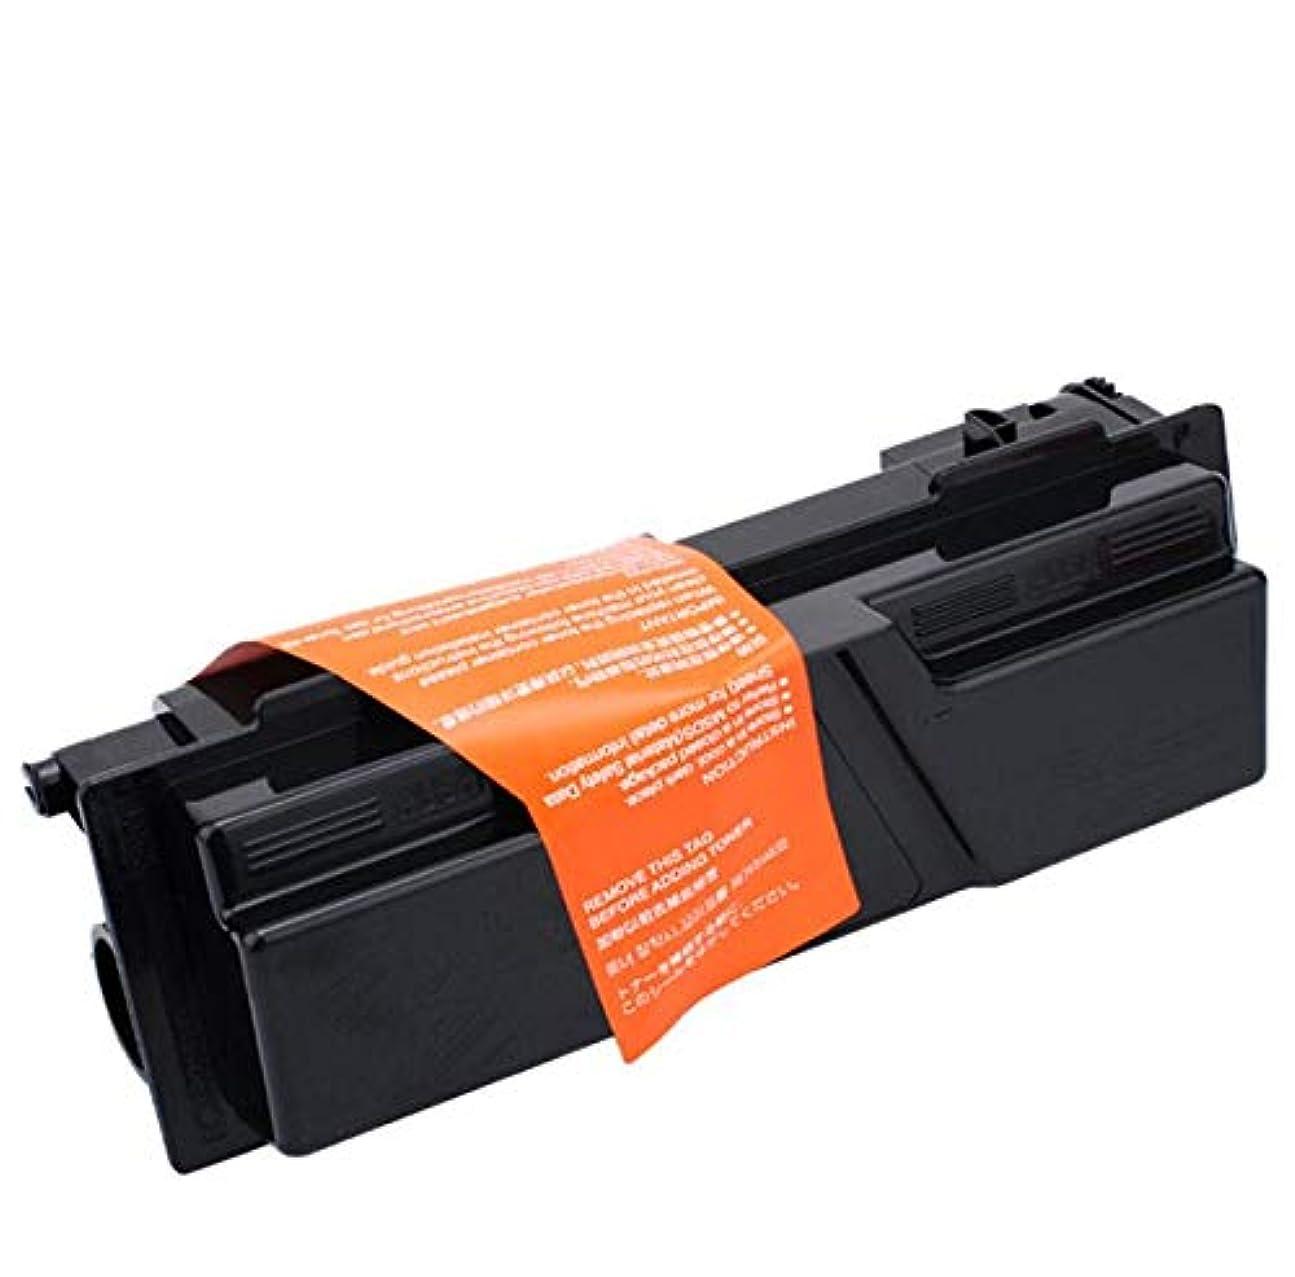 と互換性の京セラTK-1130 1132トナーカートリッジFS-1130 1030MFP M2030dn M2530インクカートリッジとの互換性京セラFS-1030MFP / 1130MF / 1030MFP / DP/ECOSYS M2030dn(PN